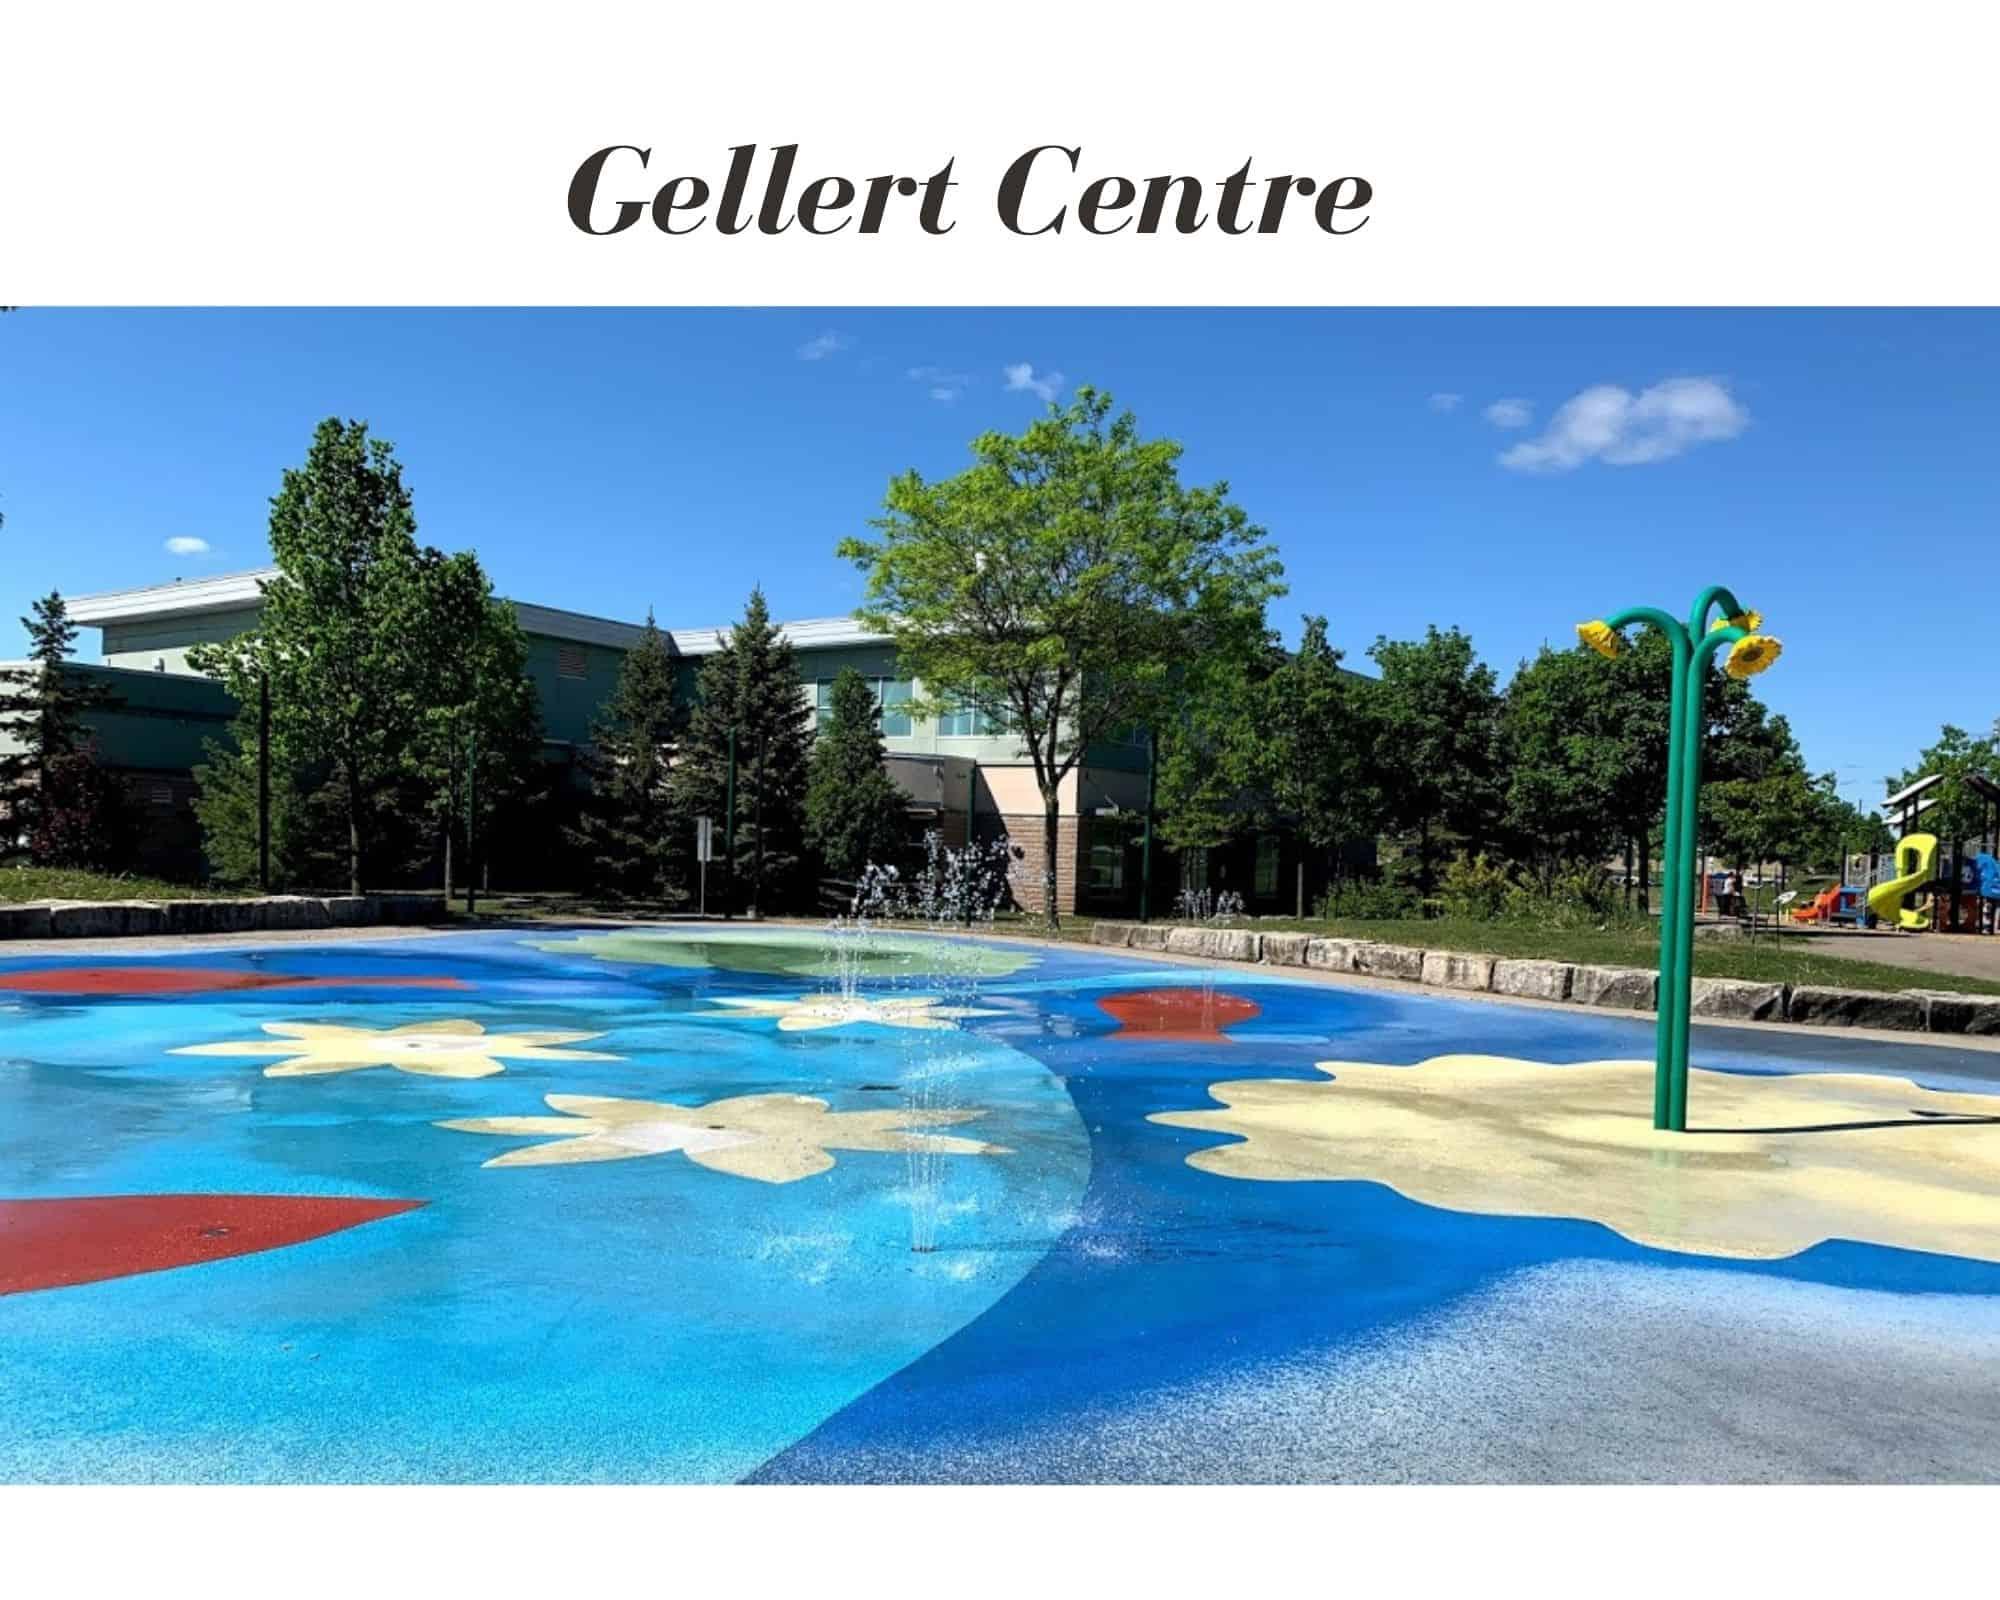 Gellert Centre Georgetown